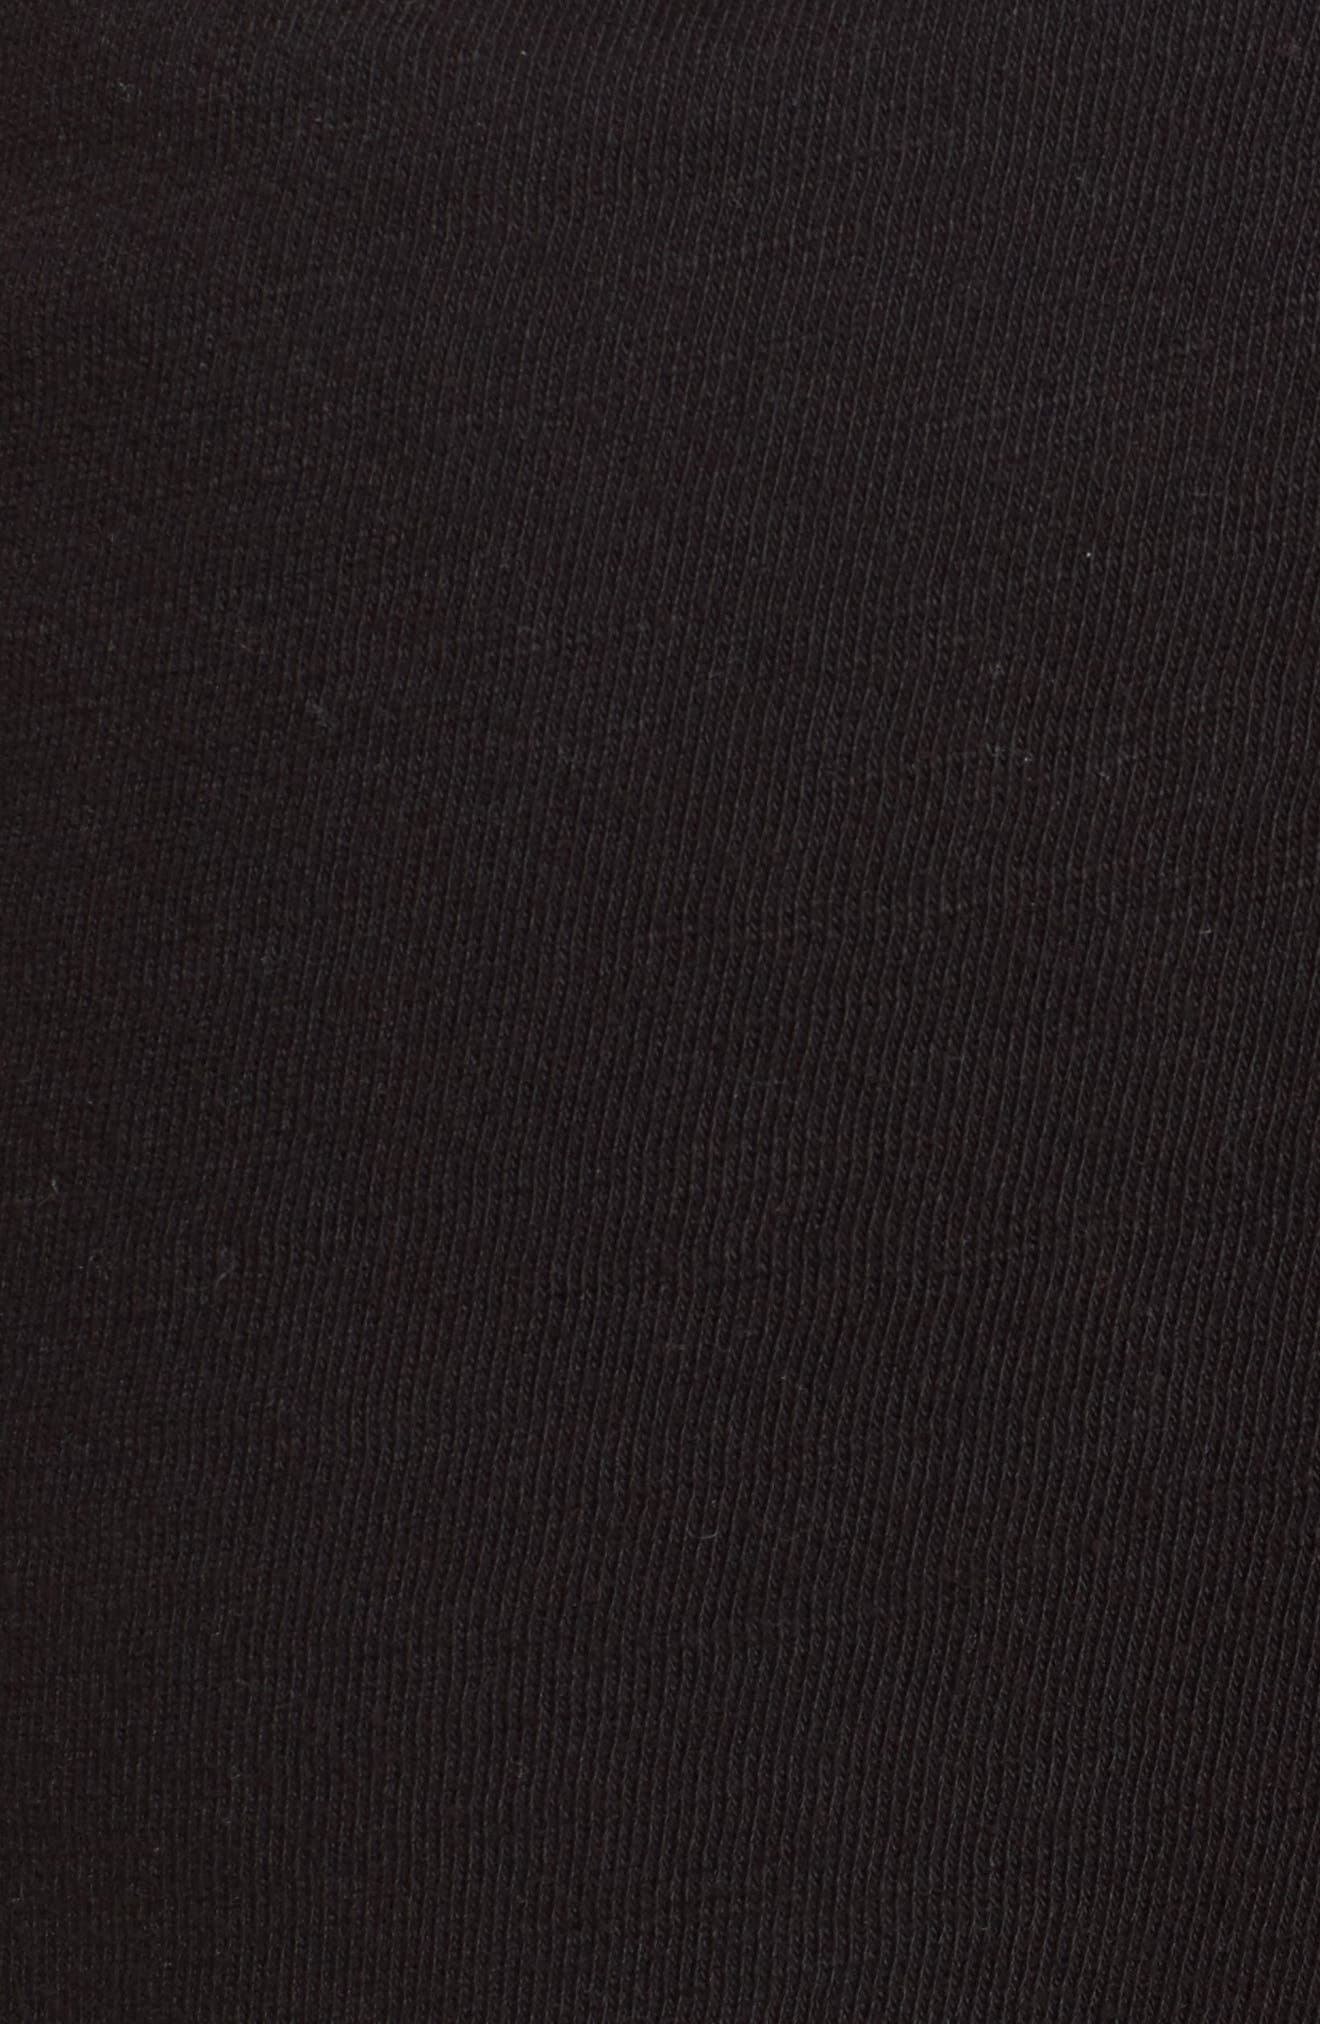 Knit Shorts,                             Alternate thumbnail 5, color,                             001